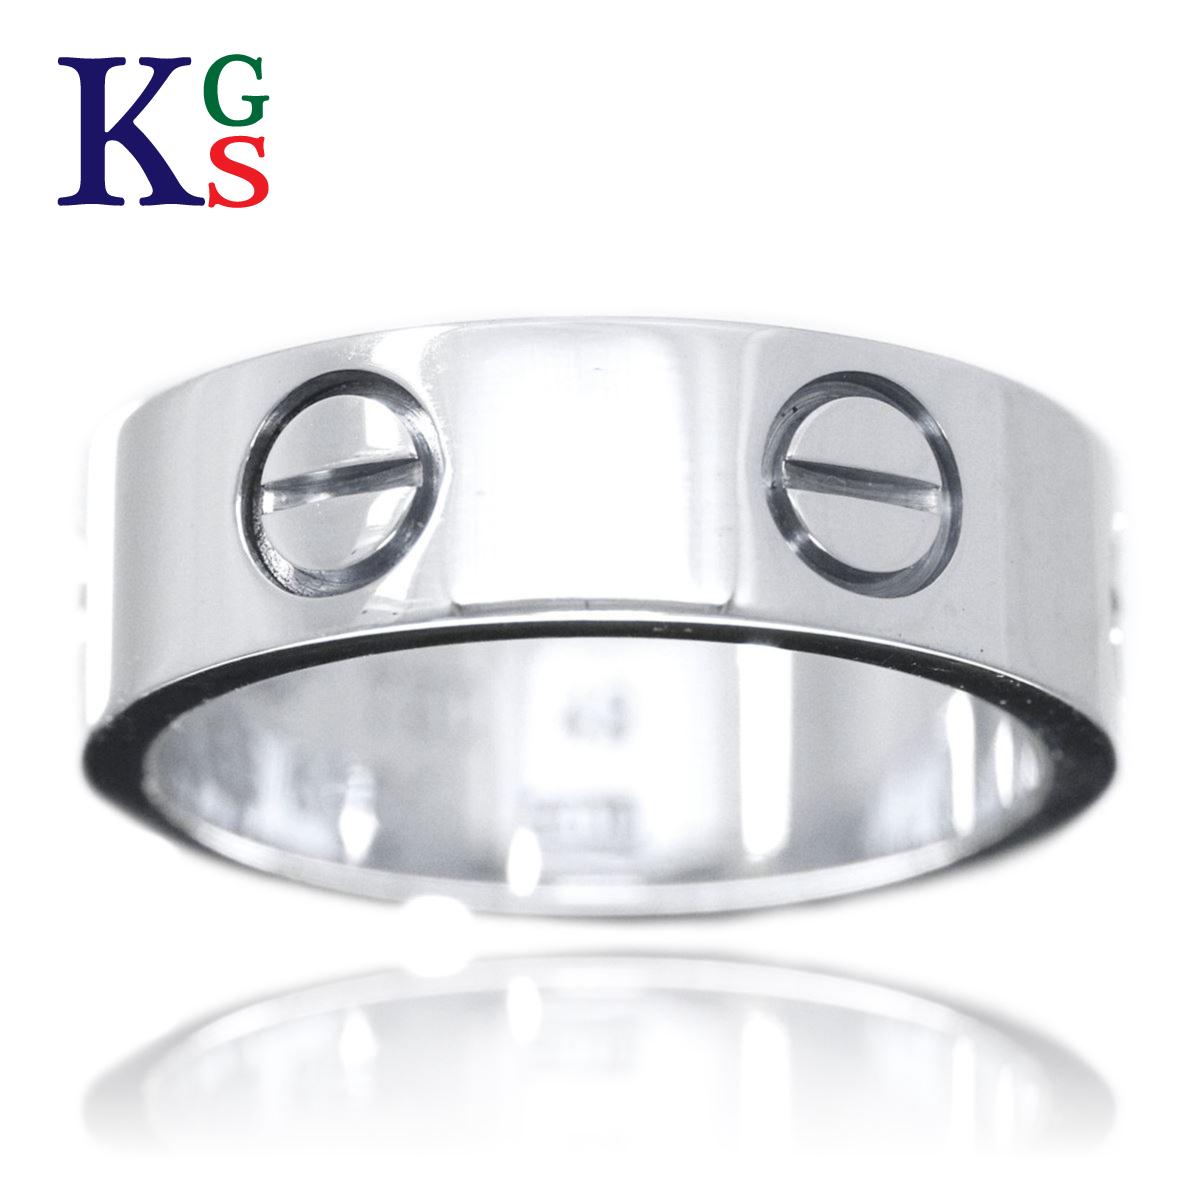 【ギフト品質】【名入れ】【15号~25号】カルティエ/Cartier / リング 指輪 メンズ / ラブリング ホワイトゴールド K18 750 WG B4084700